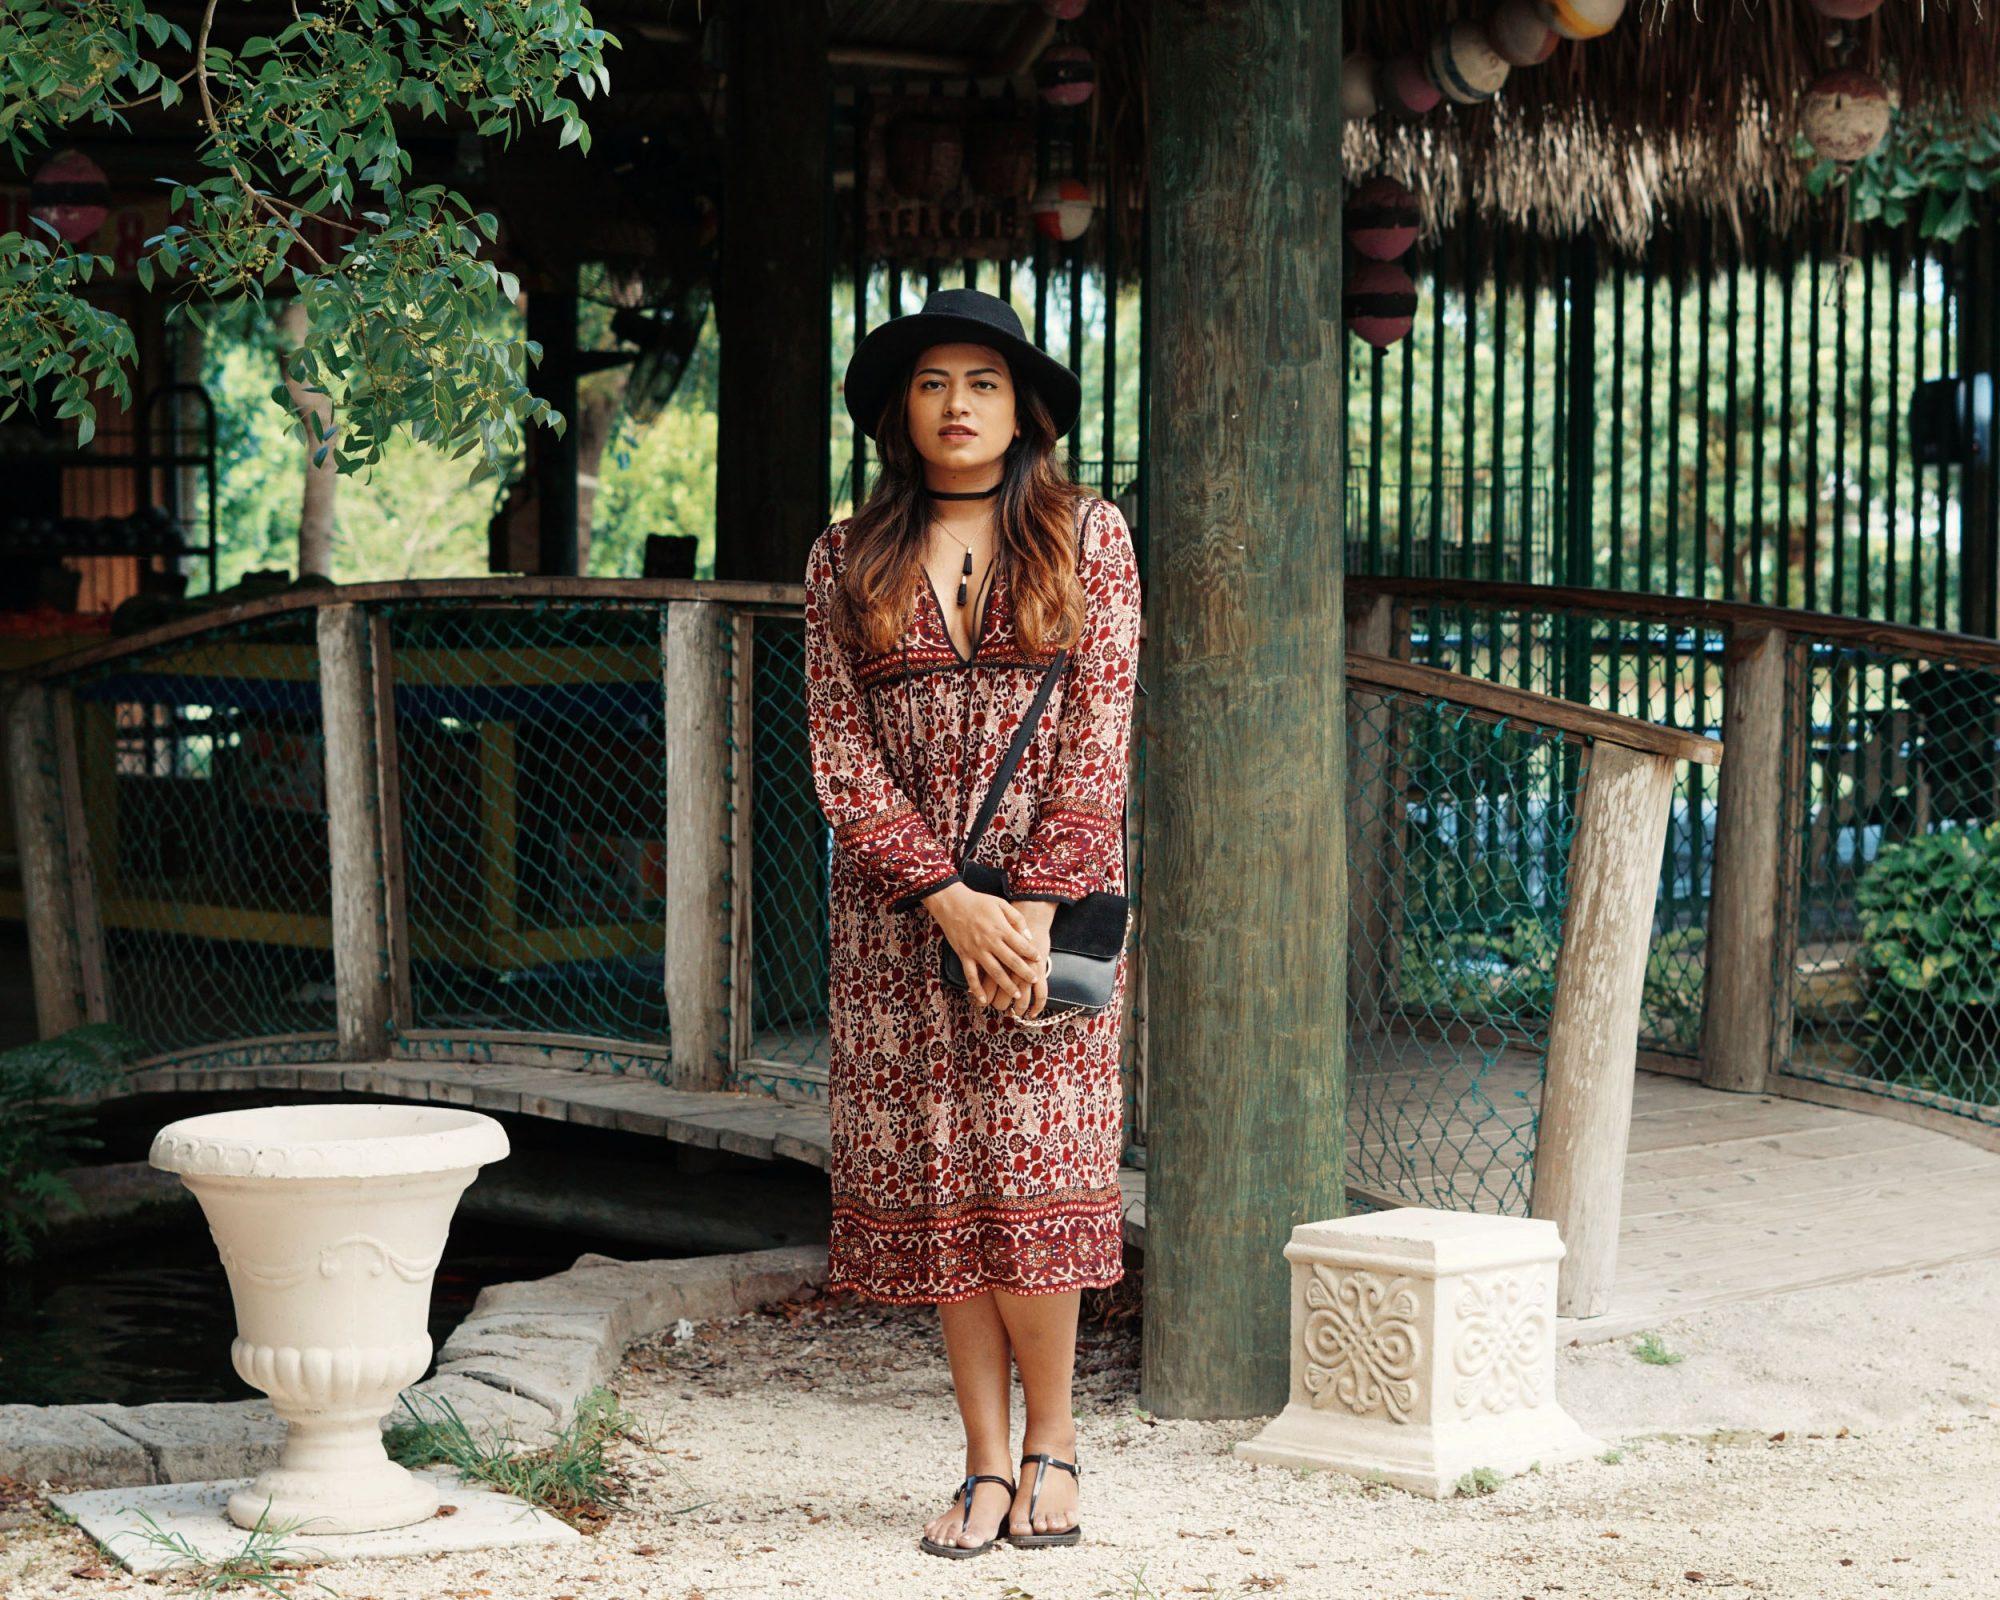 Miami Fashion Lifestyle Influencer Afroza Khan